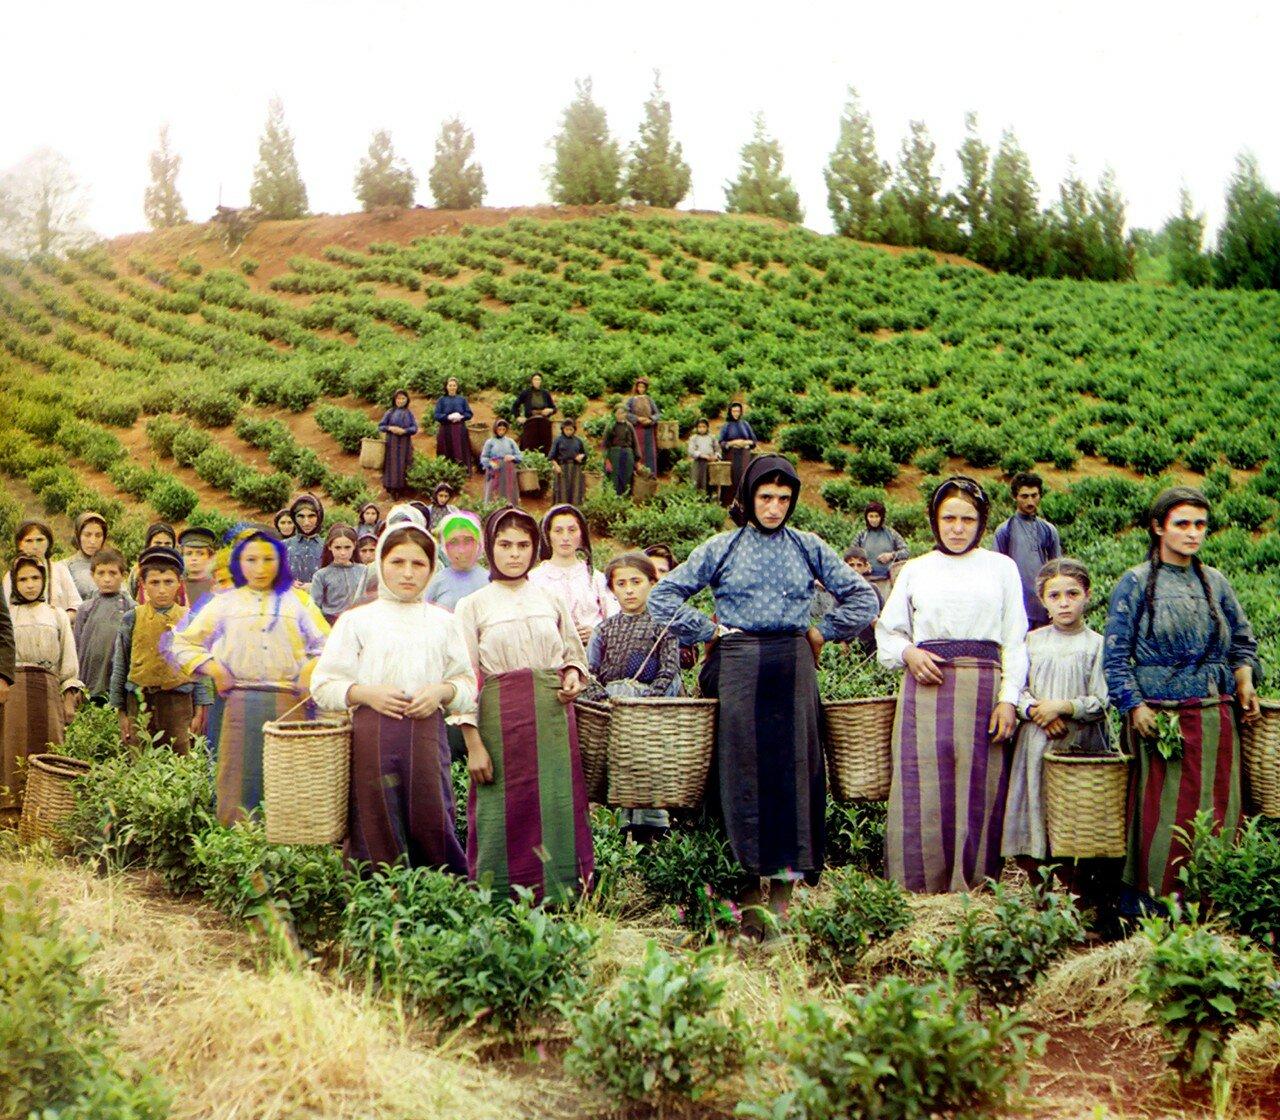 Окрестности Батума.  Чаква. Группа рабочих на сборе чая. Гречанки